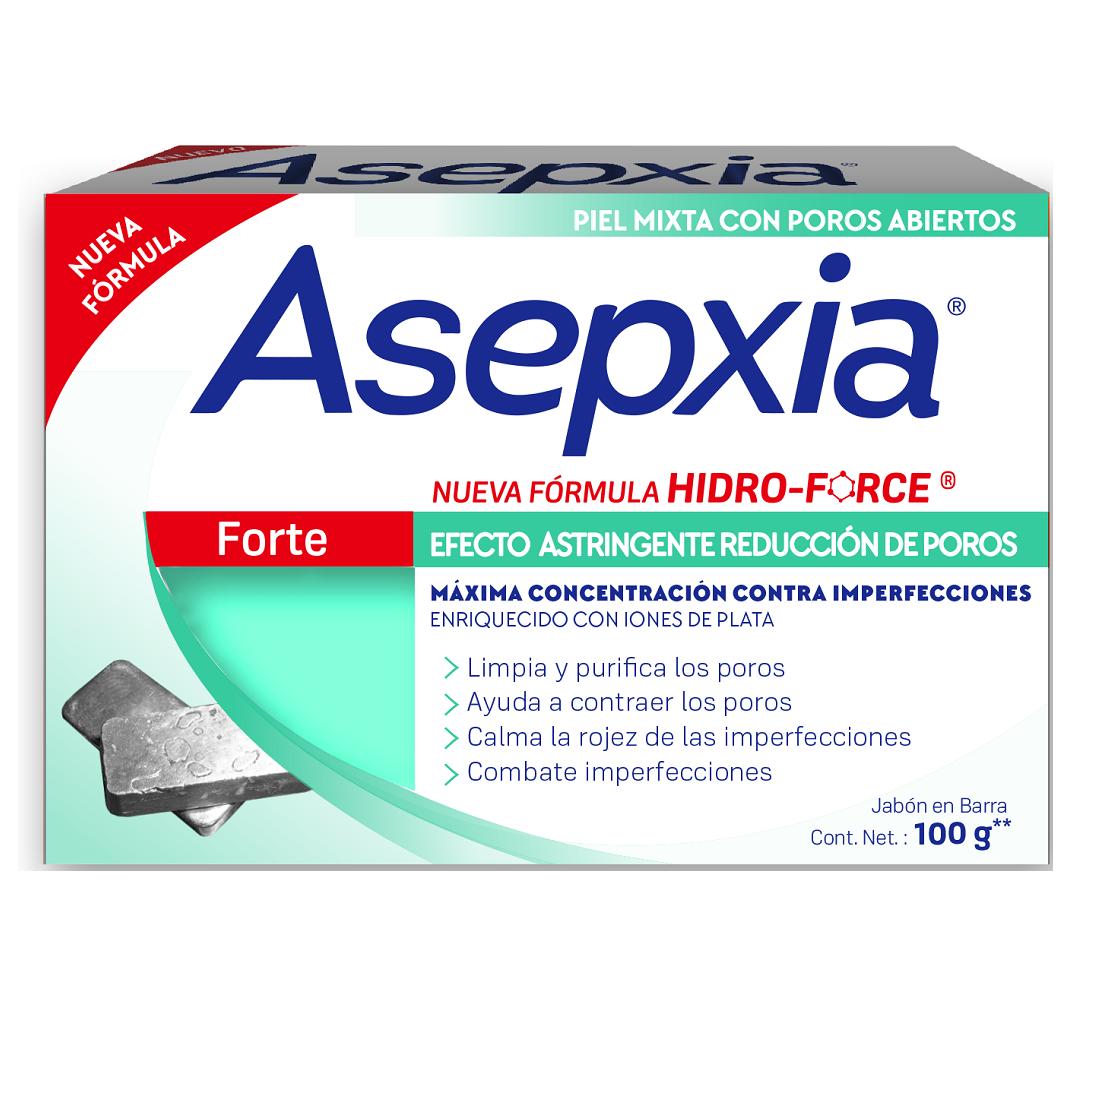 Jabón Forte 100 g